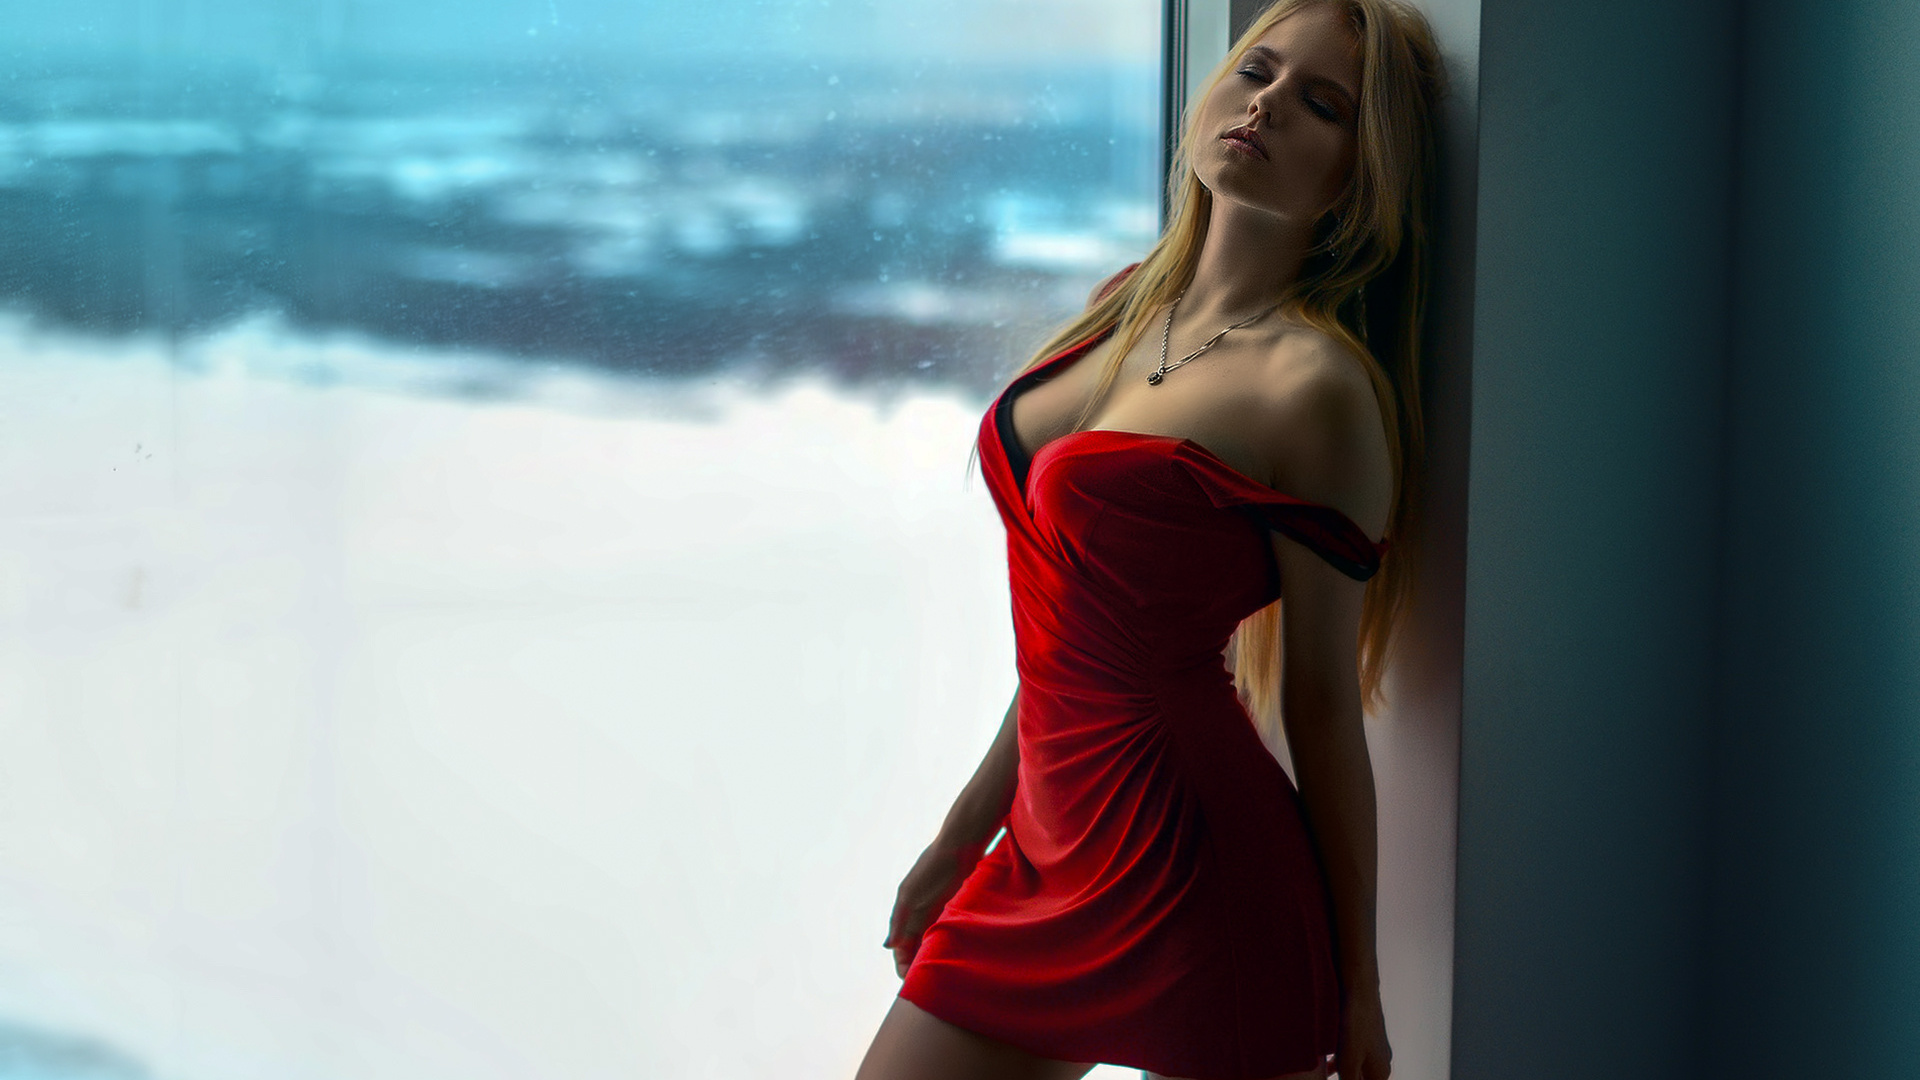 безумия обожают красивая девушка в красном платье отдается свидетельств том, что